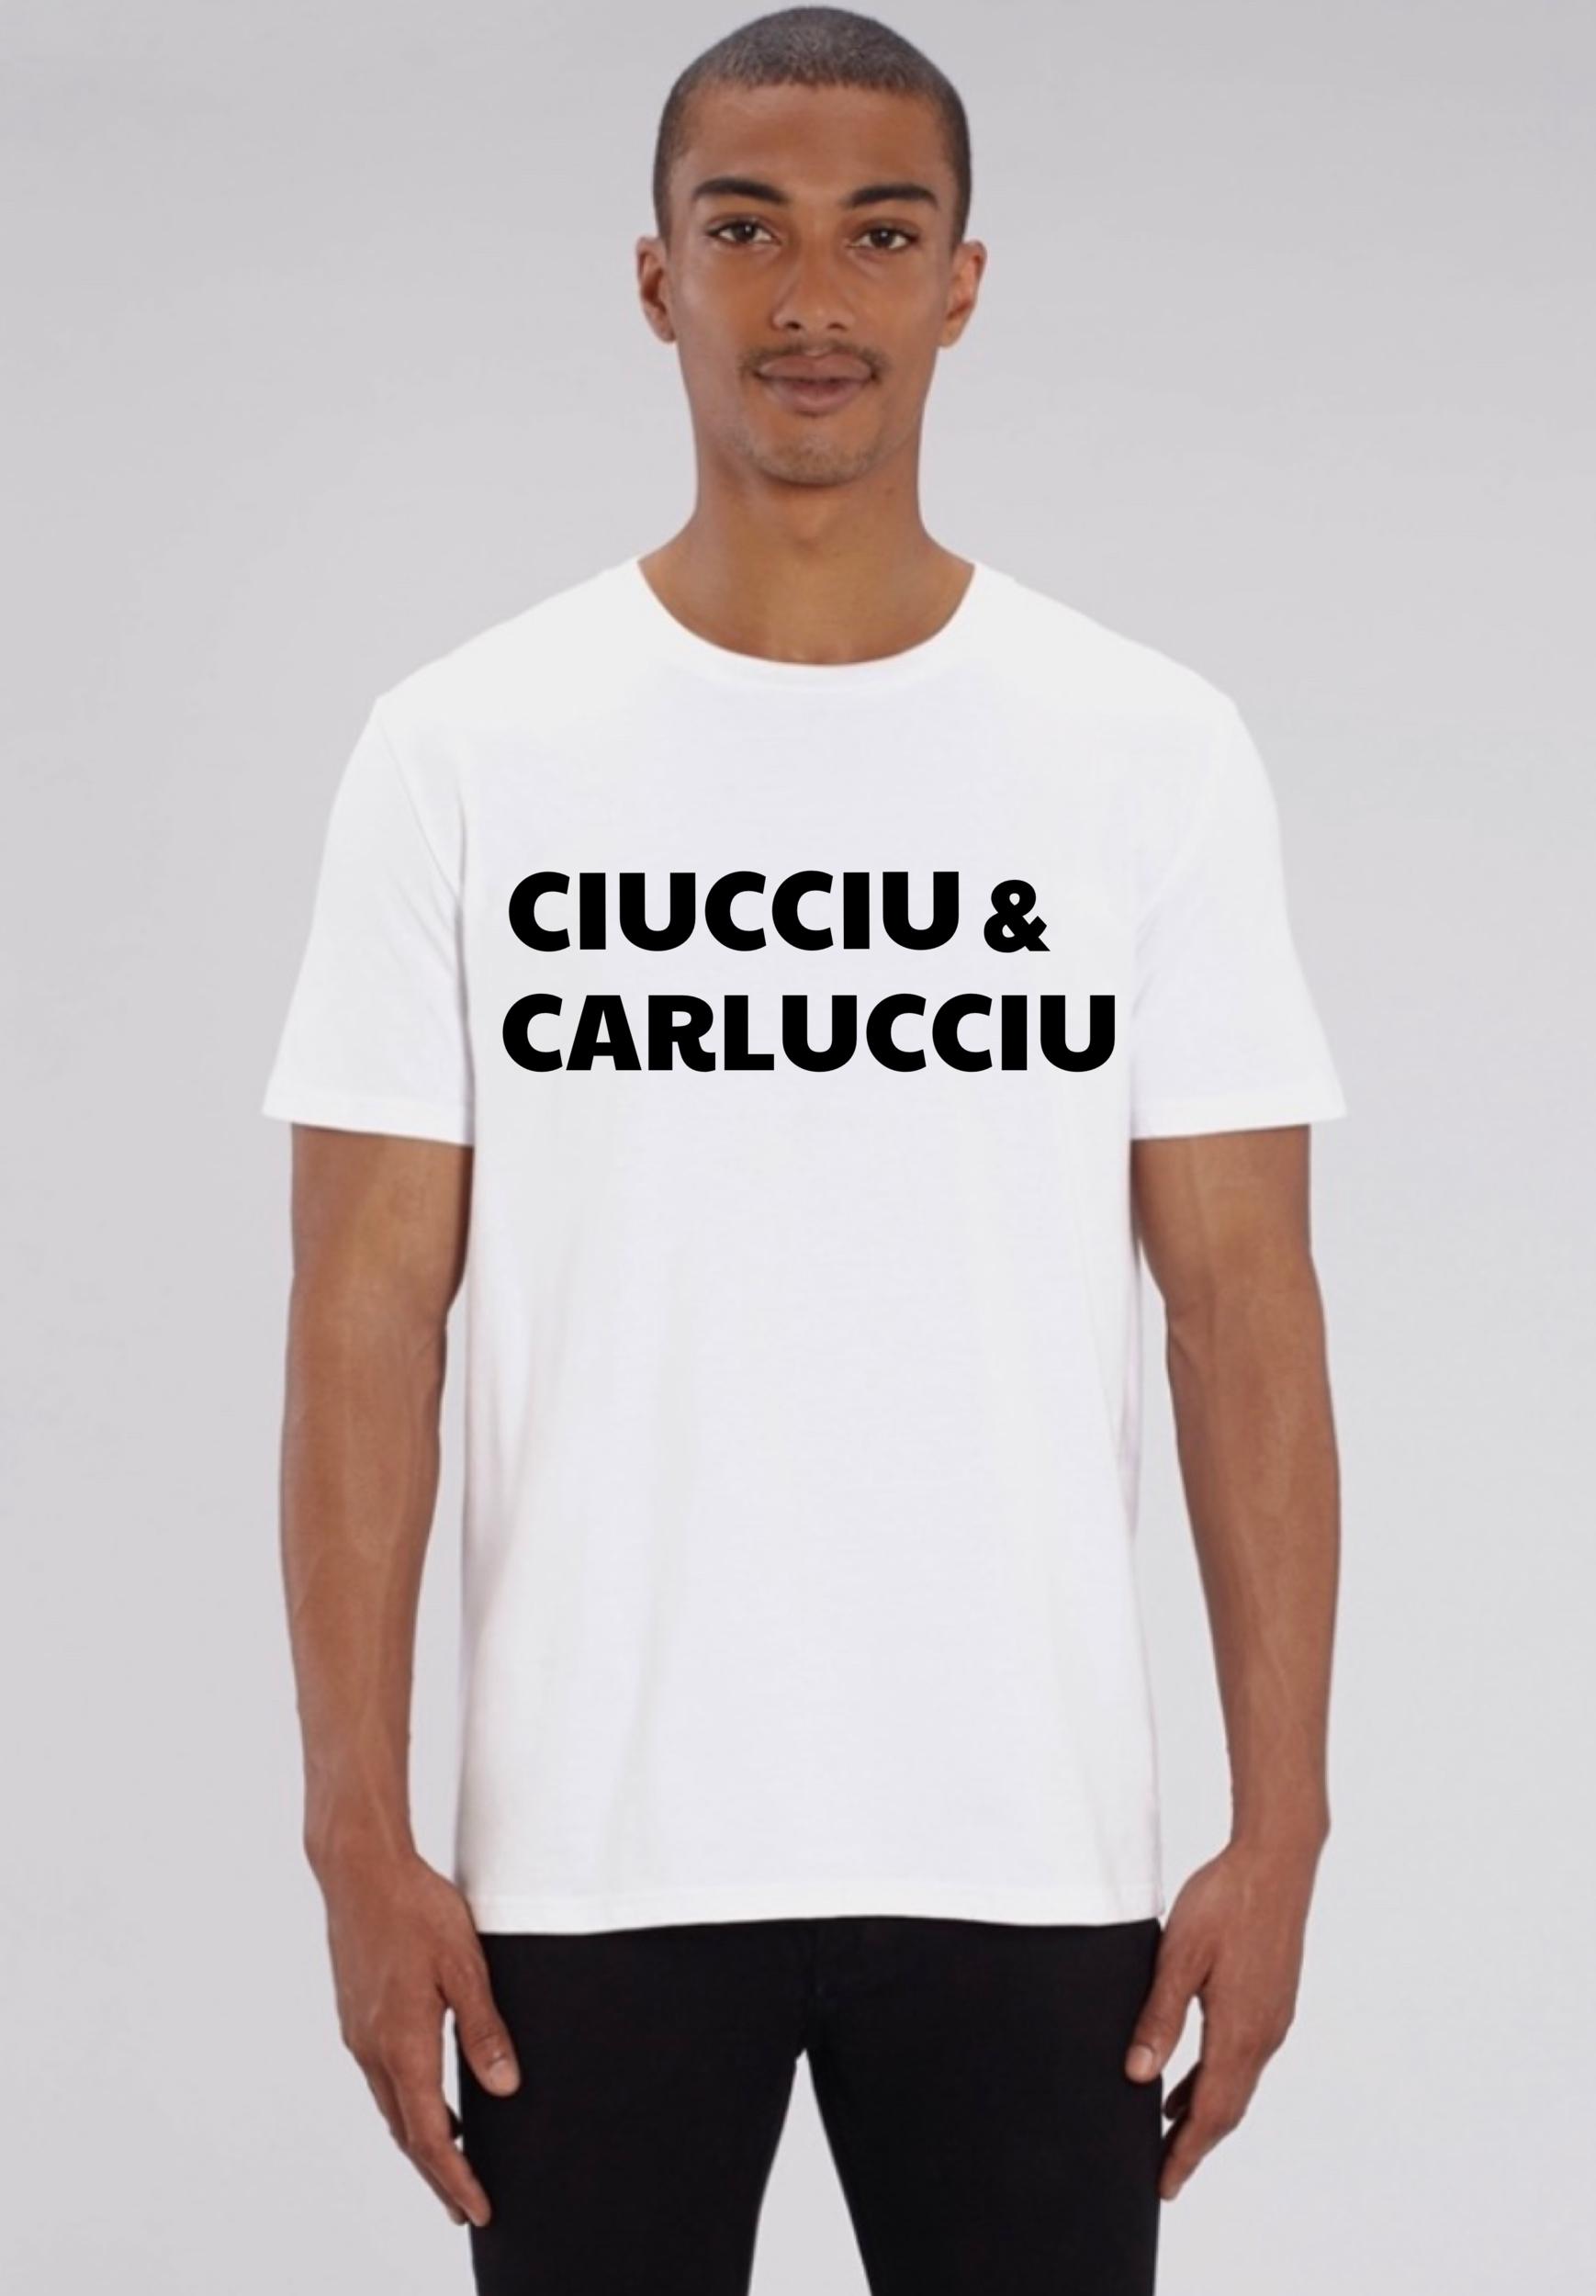 CIUCCIU & CARLUCCIU